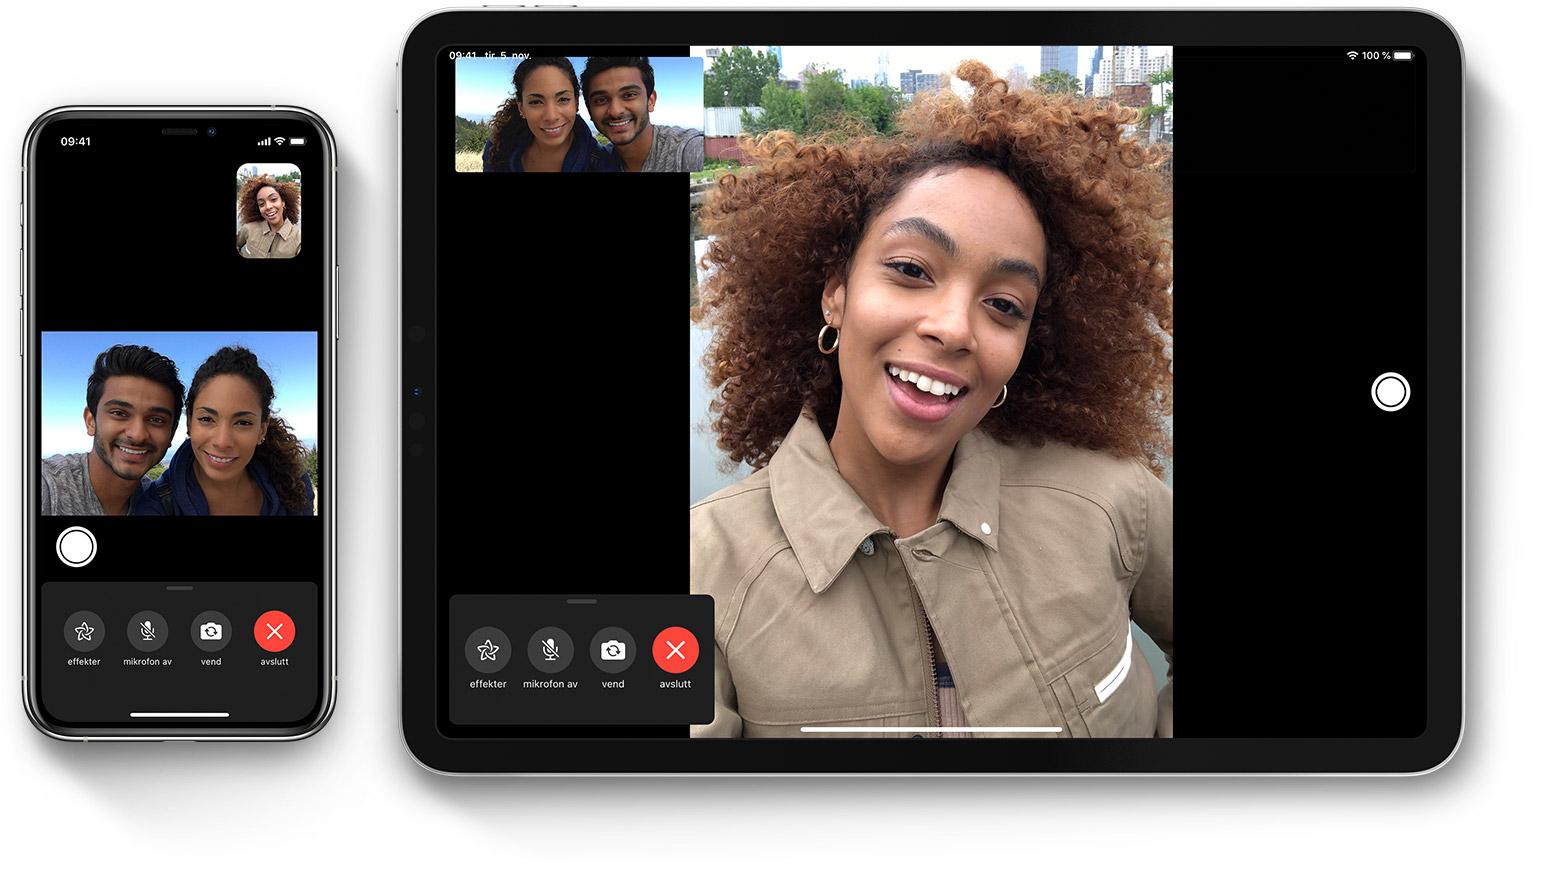 Bruk gruppesamtaler i FaceTime på iPhone, iPad og iPod touch